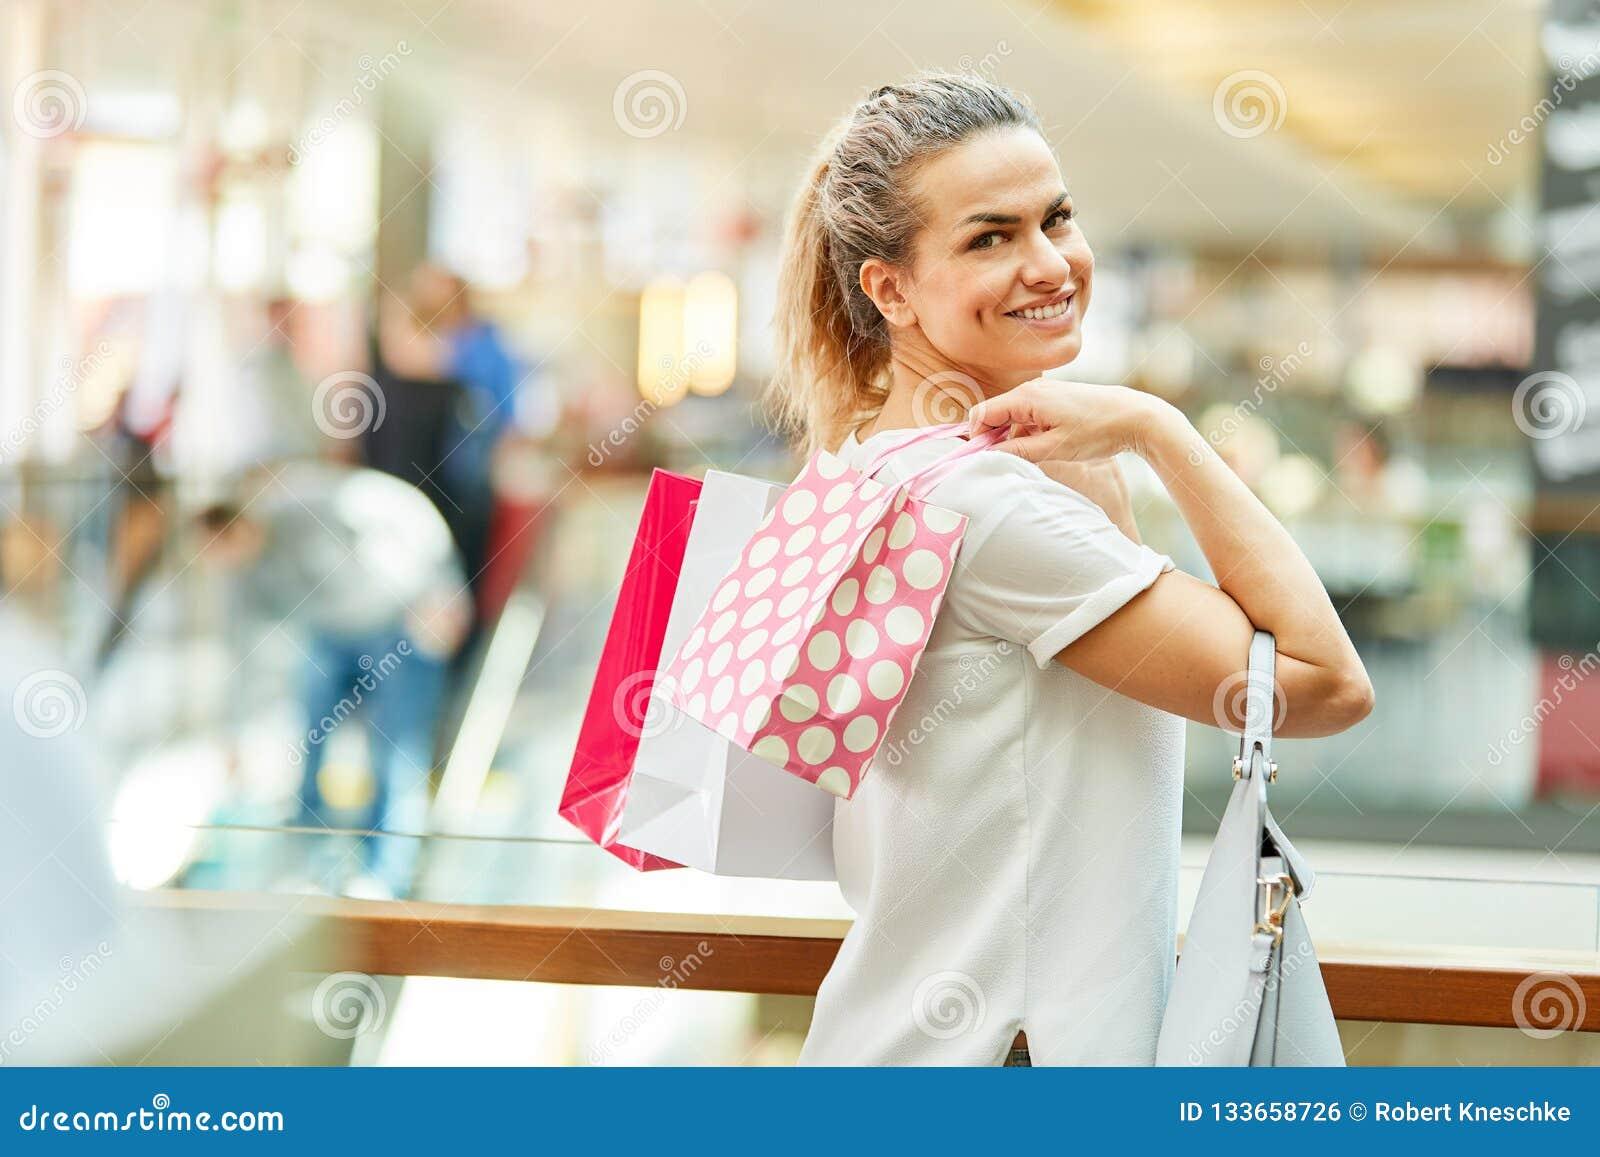 Glimlachende vrouw als klant in kleinhandel